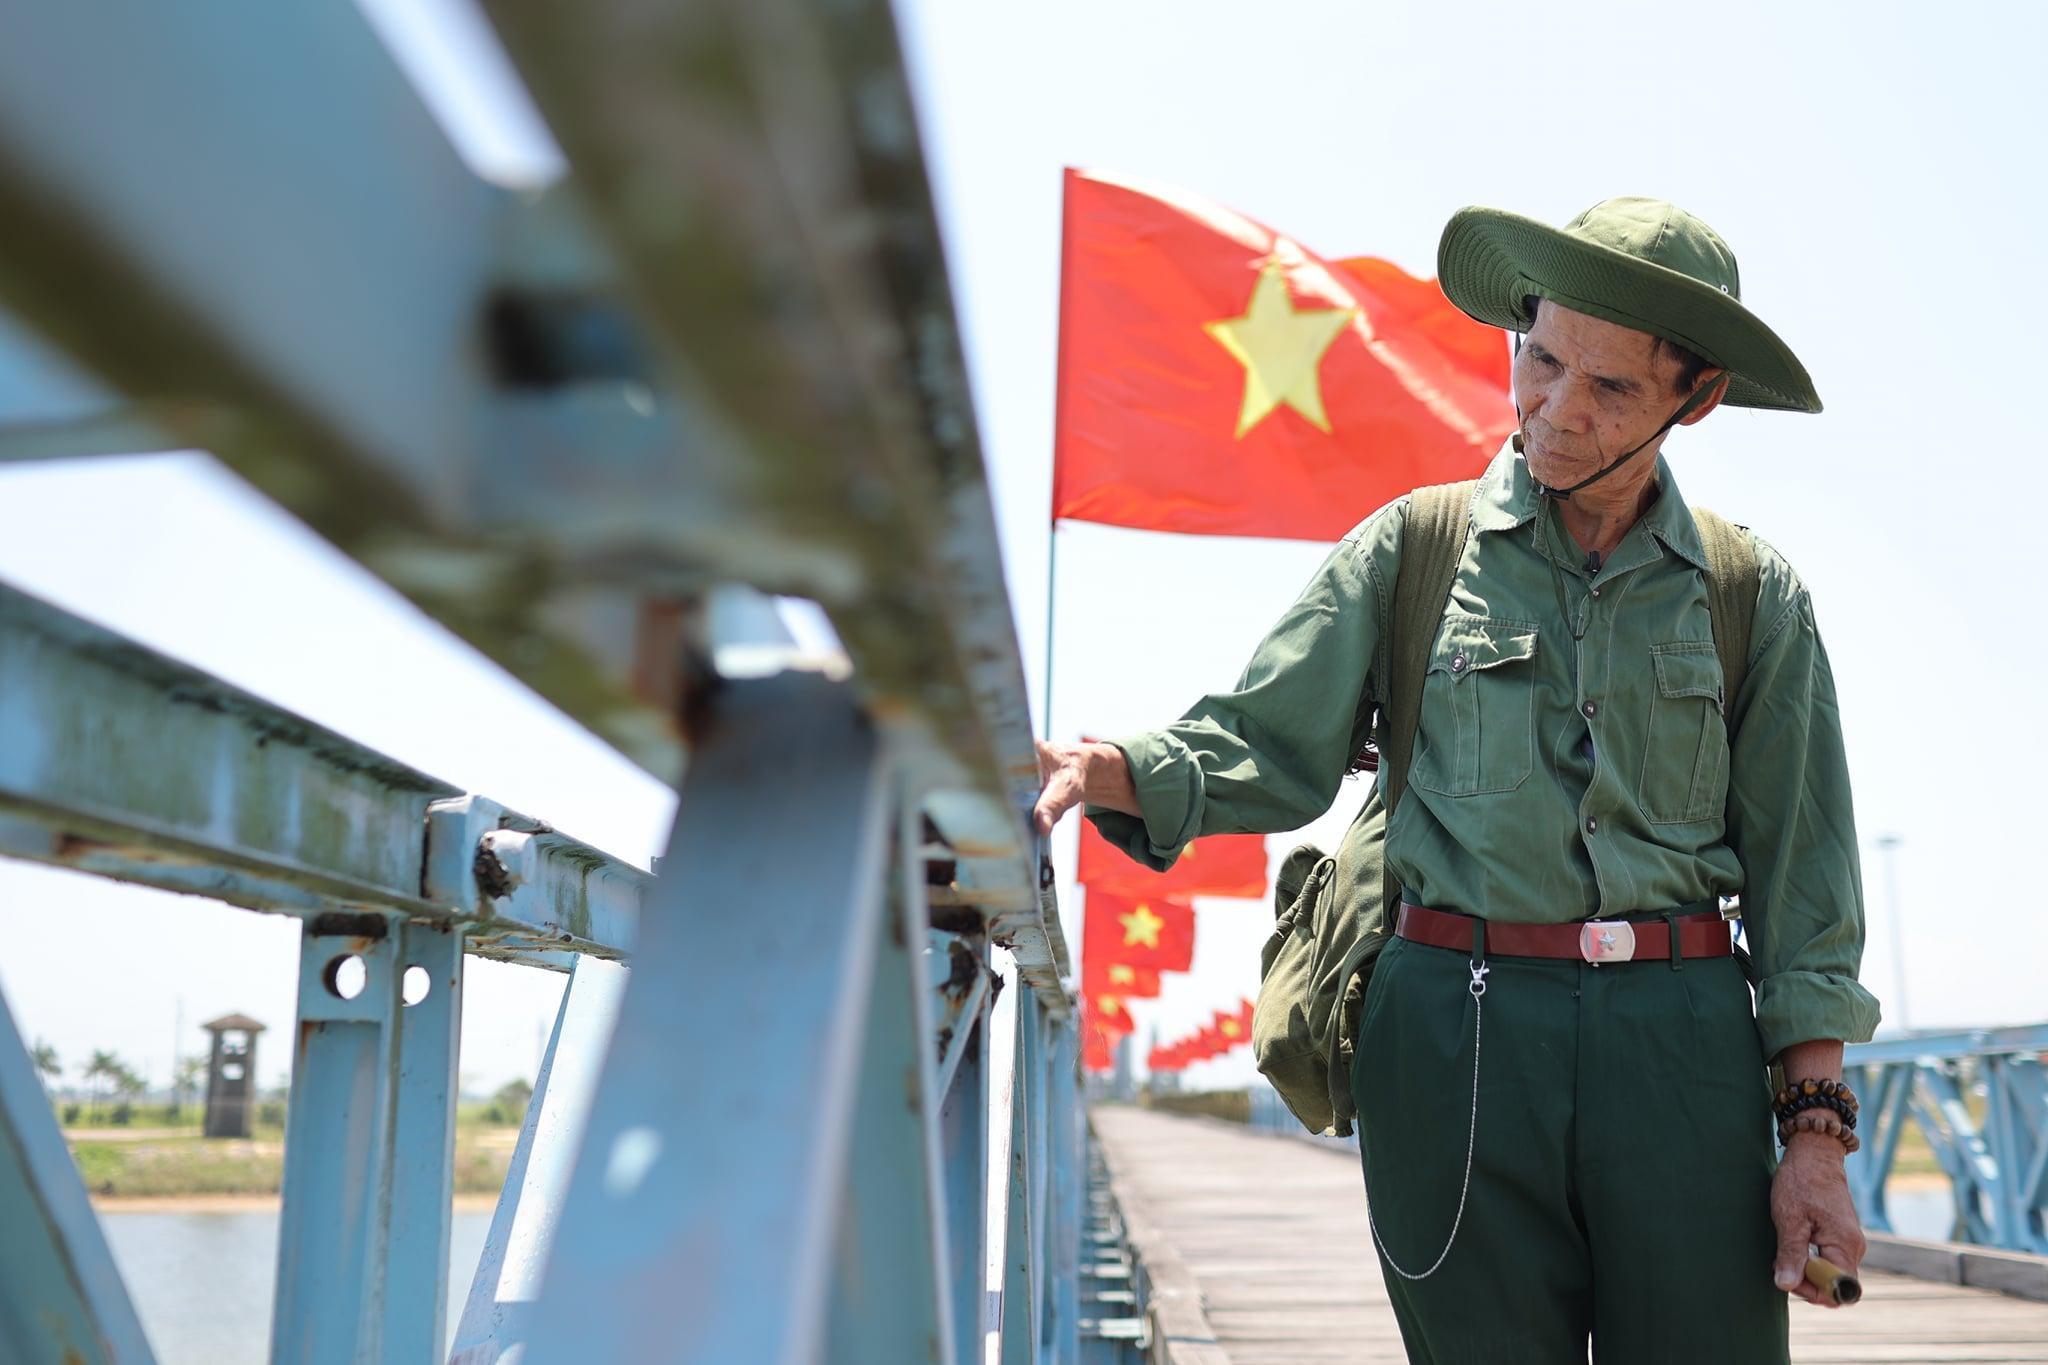 Hành trình xuyên Việt xúc động của chàng thanh niên 9x cùng 'bạn của ông nội' ảnh 11